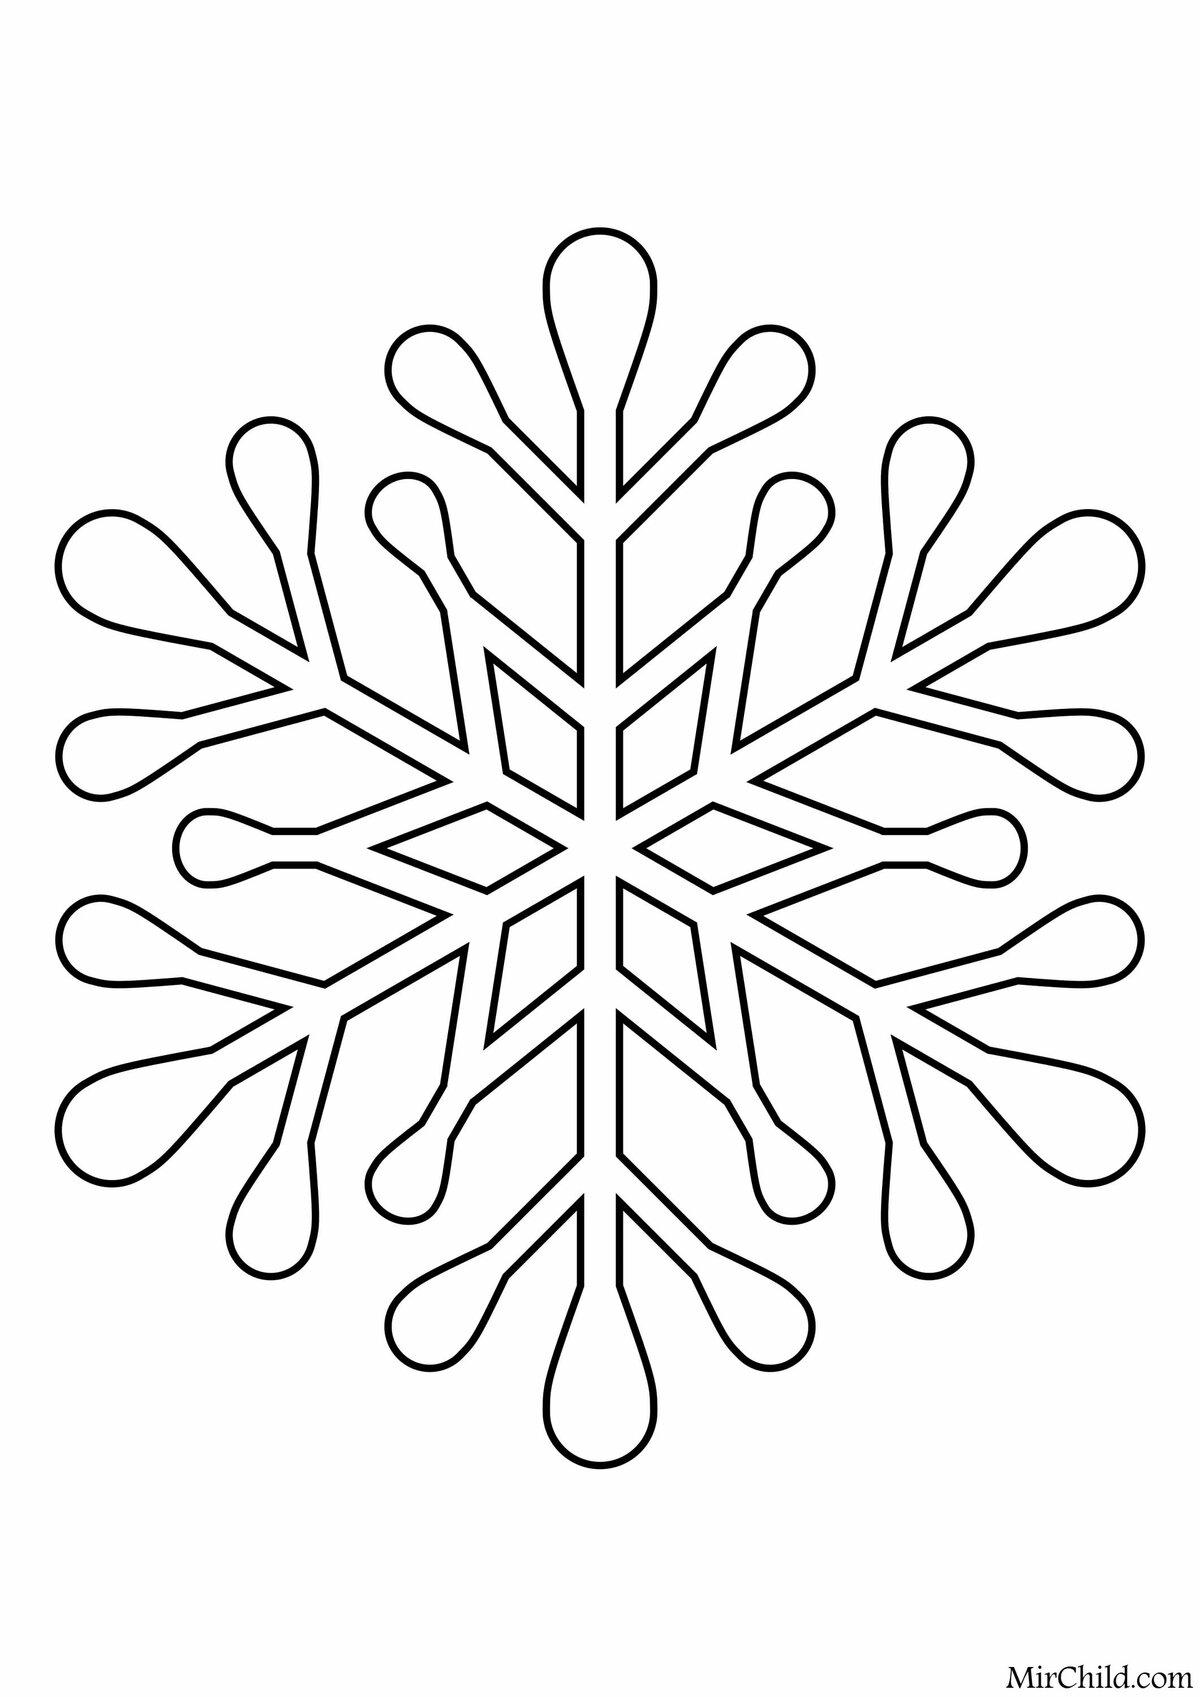 сделать картинки детям снежинки трафарет может произойти